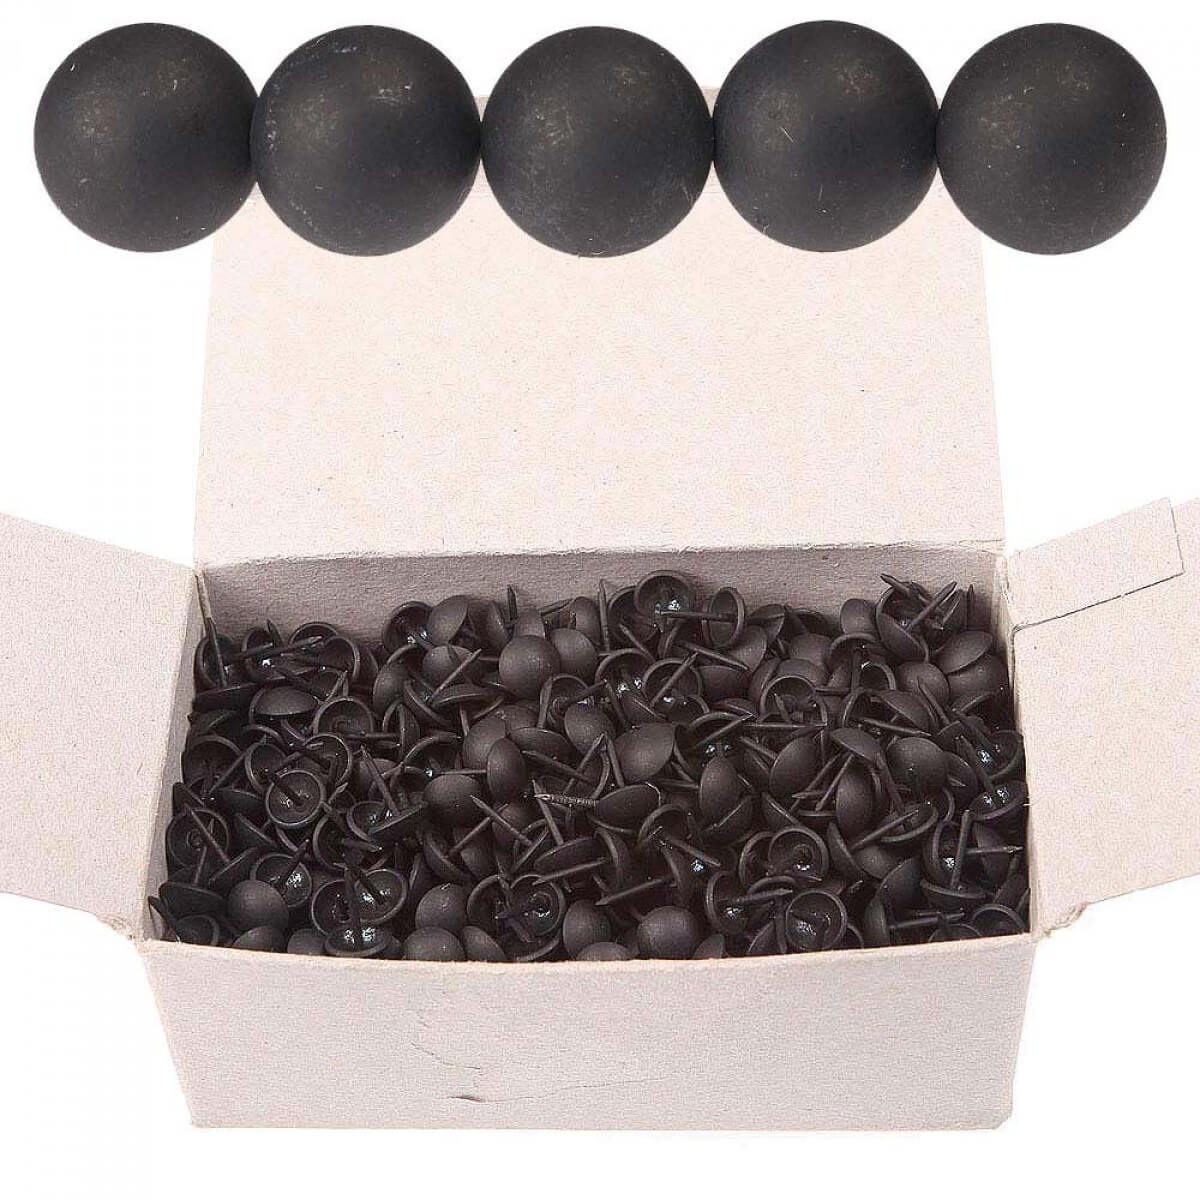 bo te de 1000 clous de tapissier 11 mm noir mat houl s. Black Bedroom Furniture Sets. Home Design Ideas